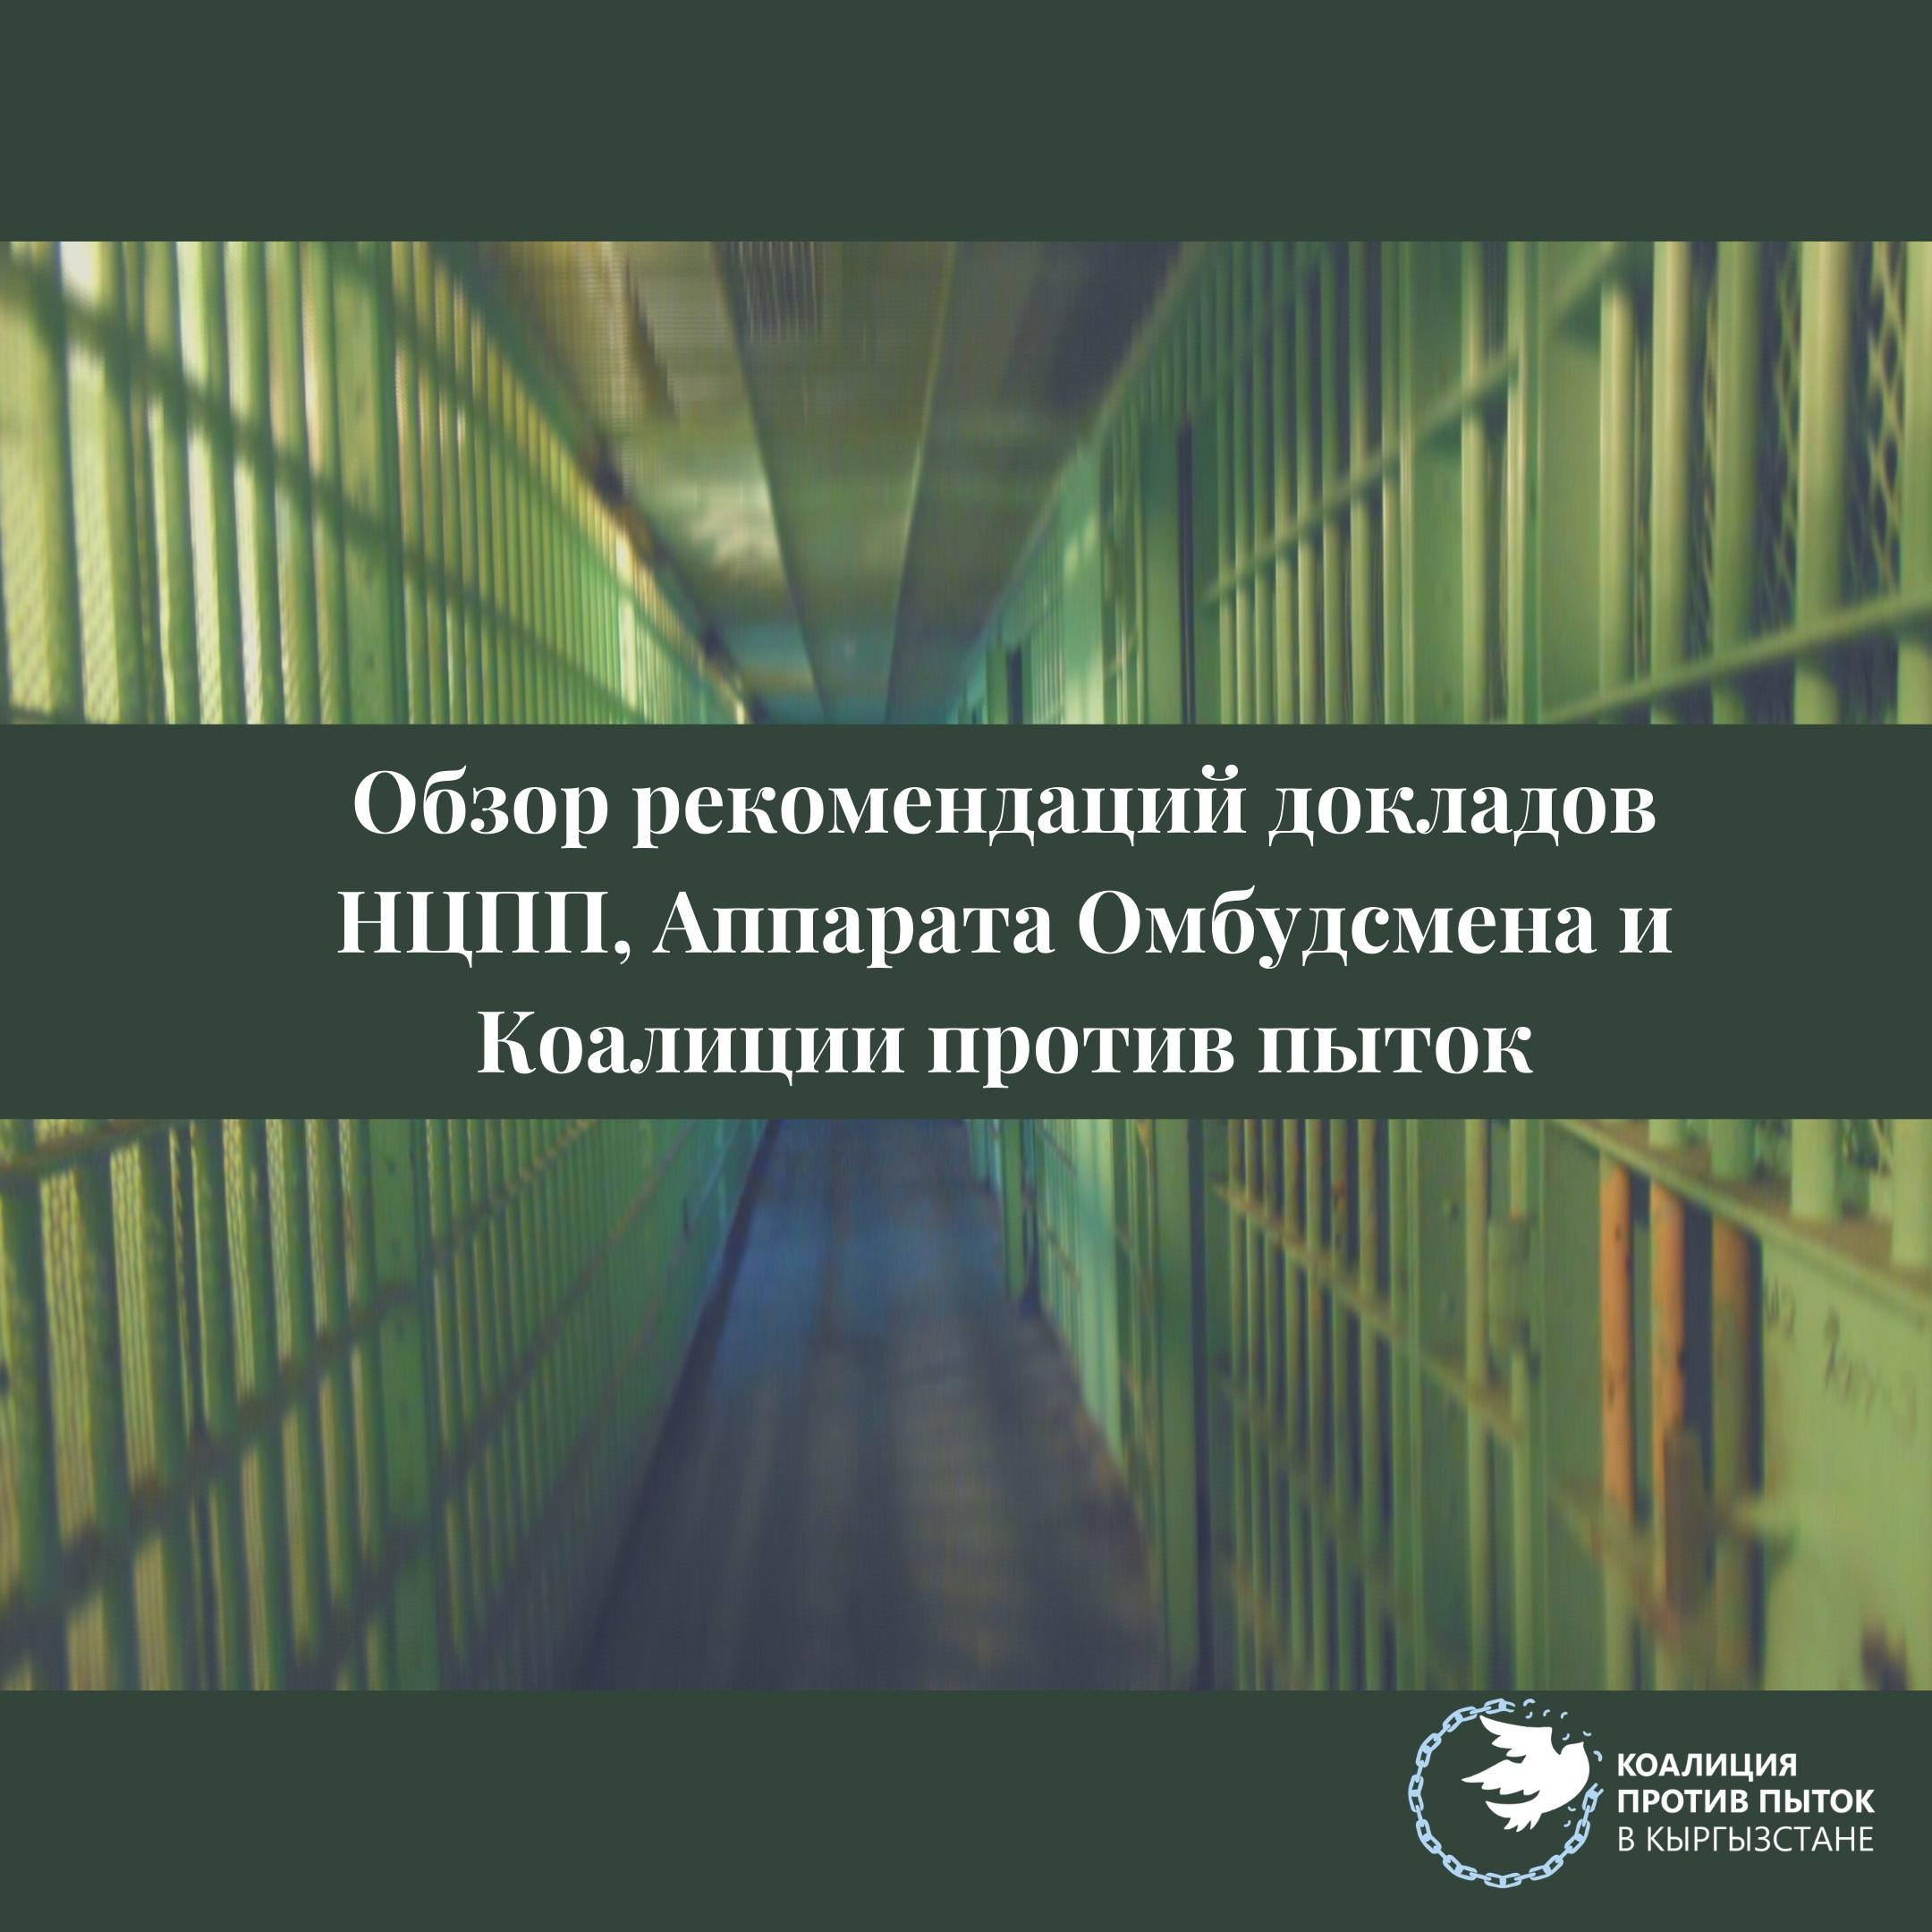 Обзор рекомендаций и докладов НЦПП, Аппаратов Омбудсмена и Коалиции против пыток